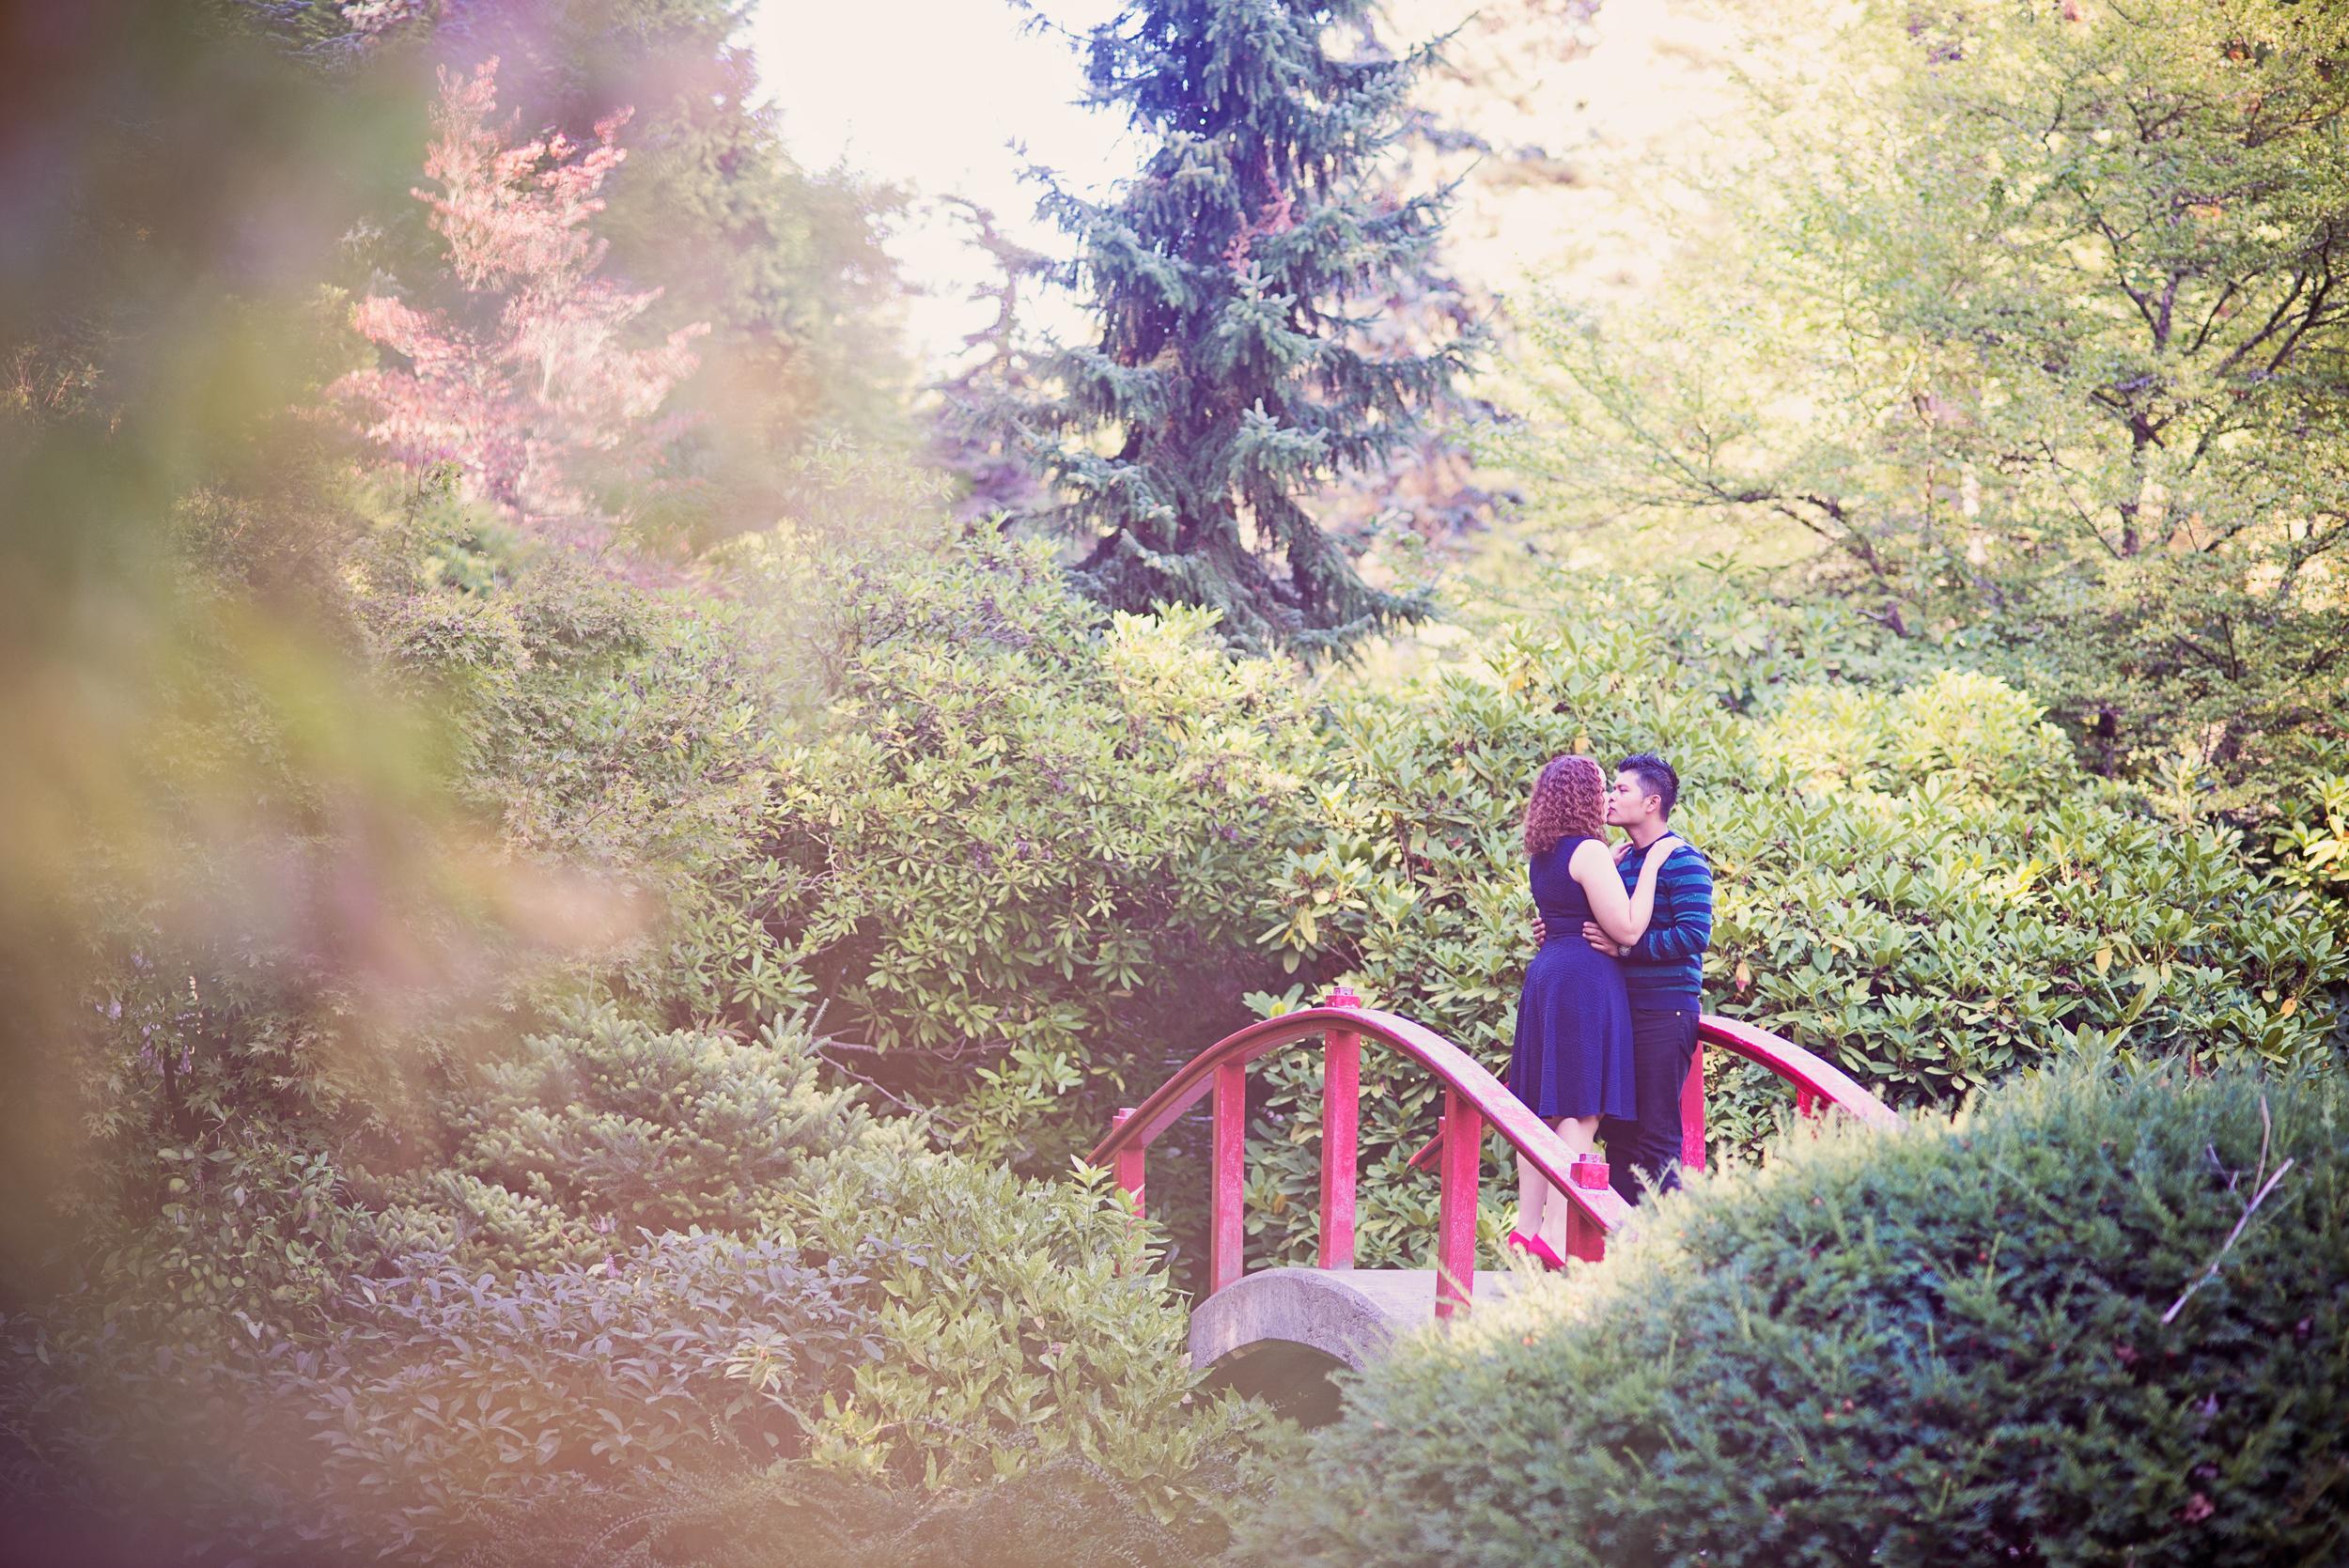 Seattle-Wedding-Photographer,-Kelsey-Lane-Photography_Esther-+-Israel_Kubota-Park-Engagement-2015-3.jpg